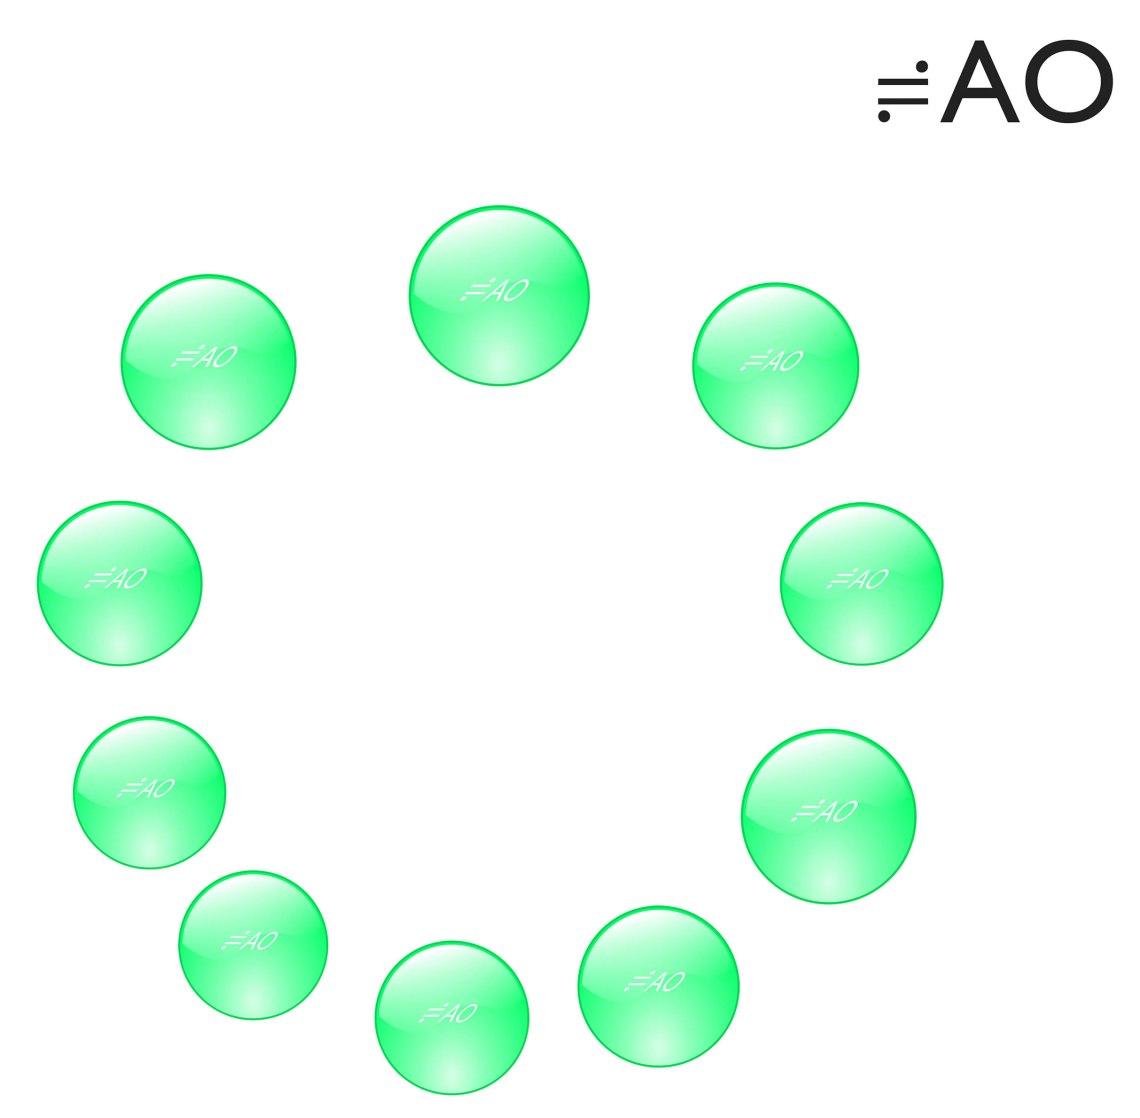 ≓AO ring 4.jpg